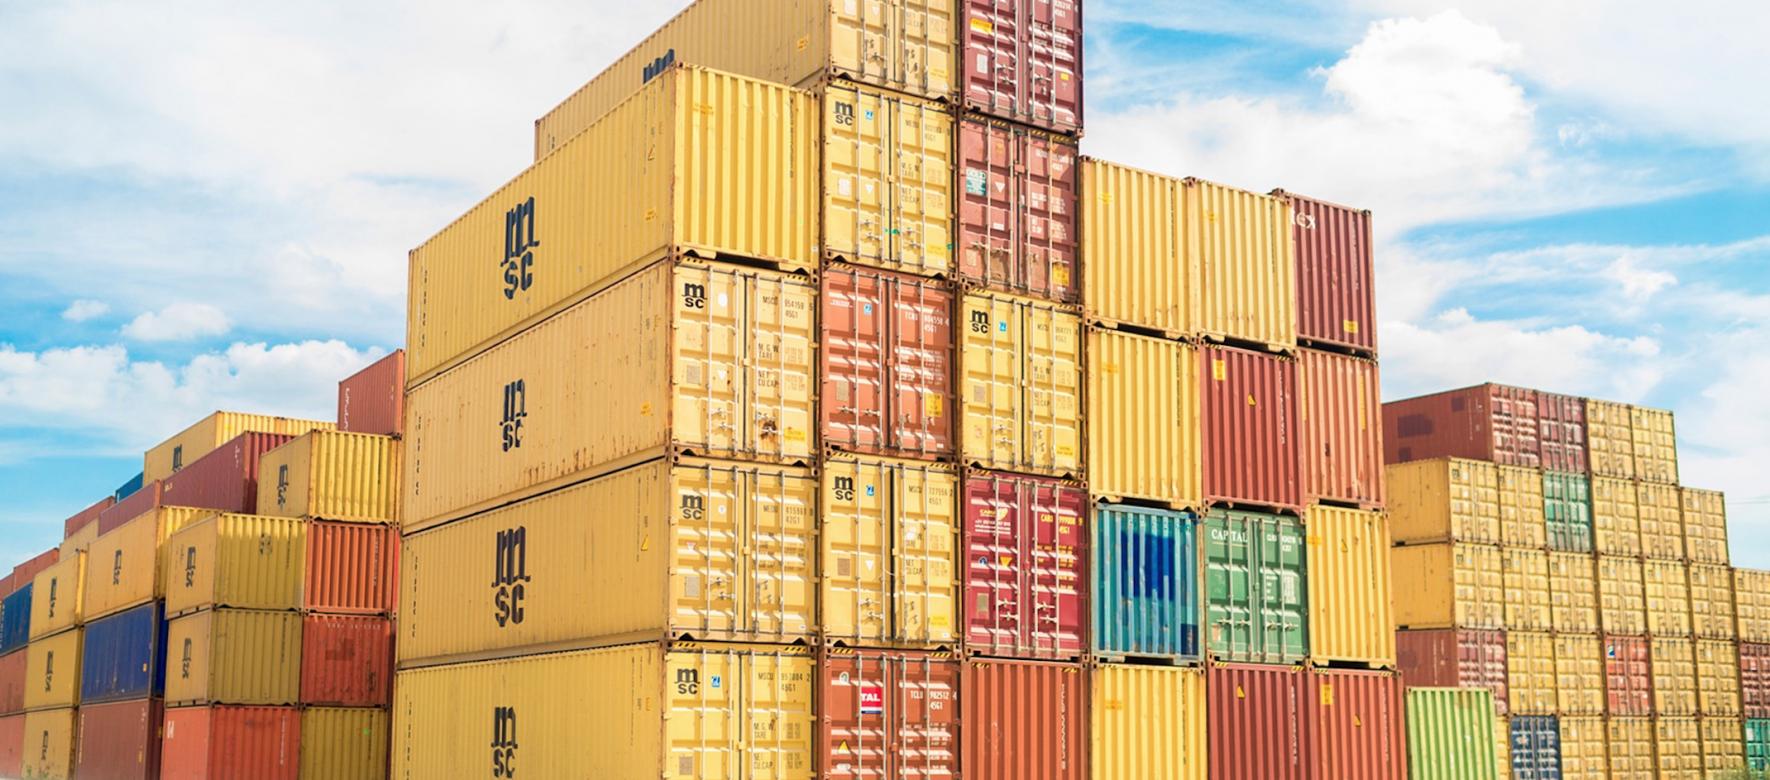 Tunisie : Quelle est la liste des produits importés qui seront désormais soumis à des mesures restrictives ?